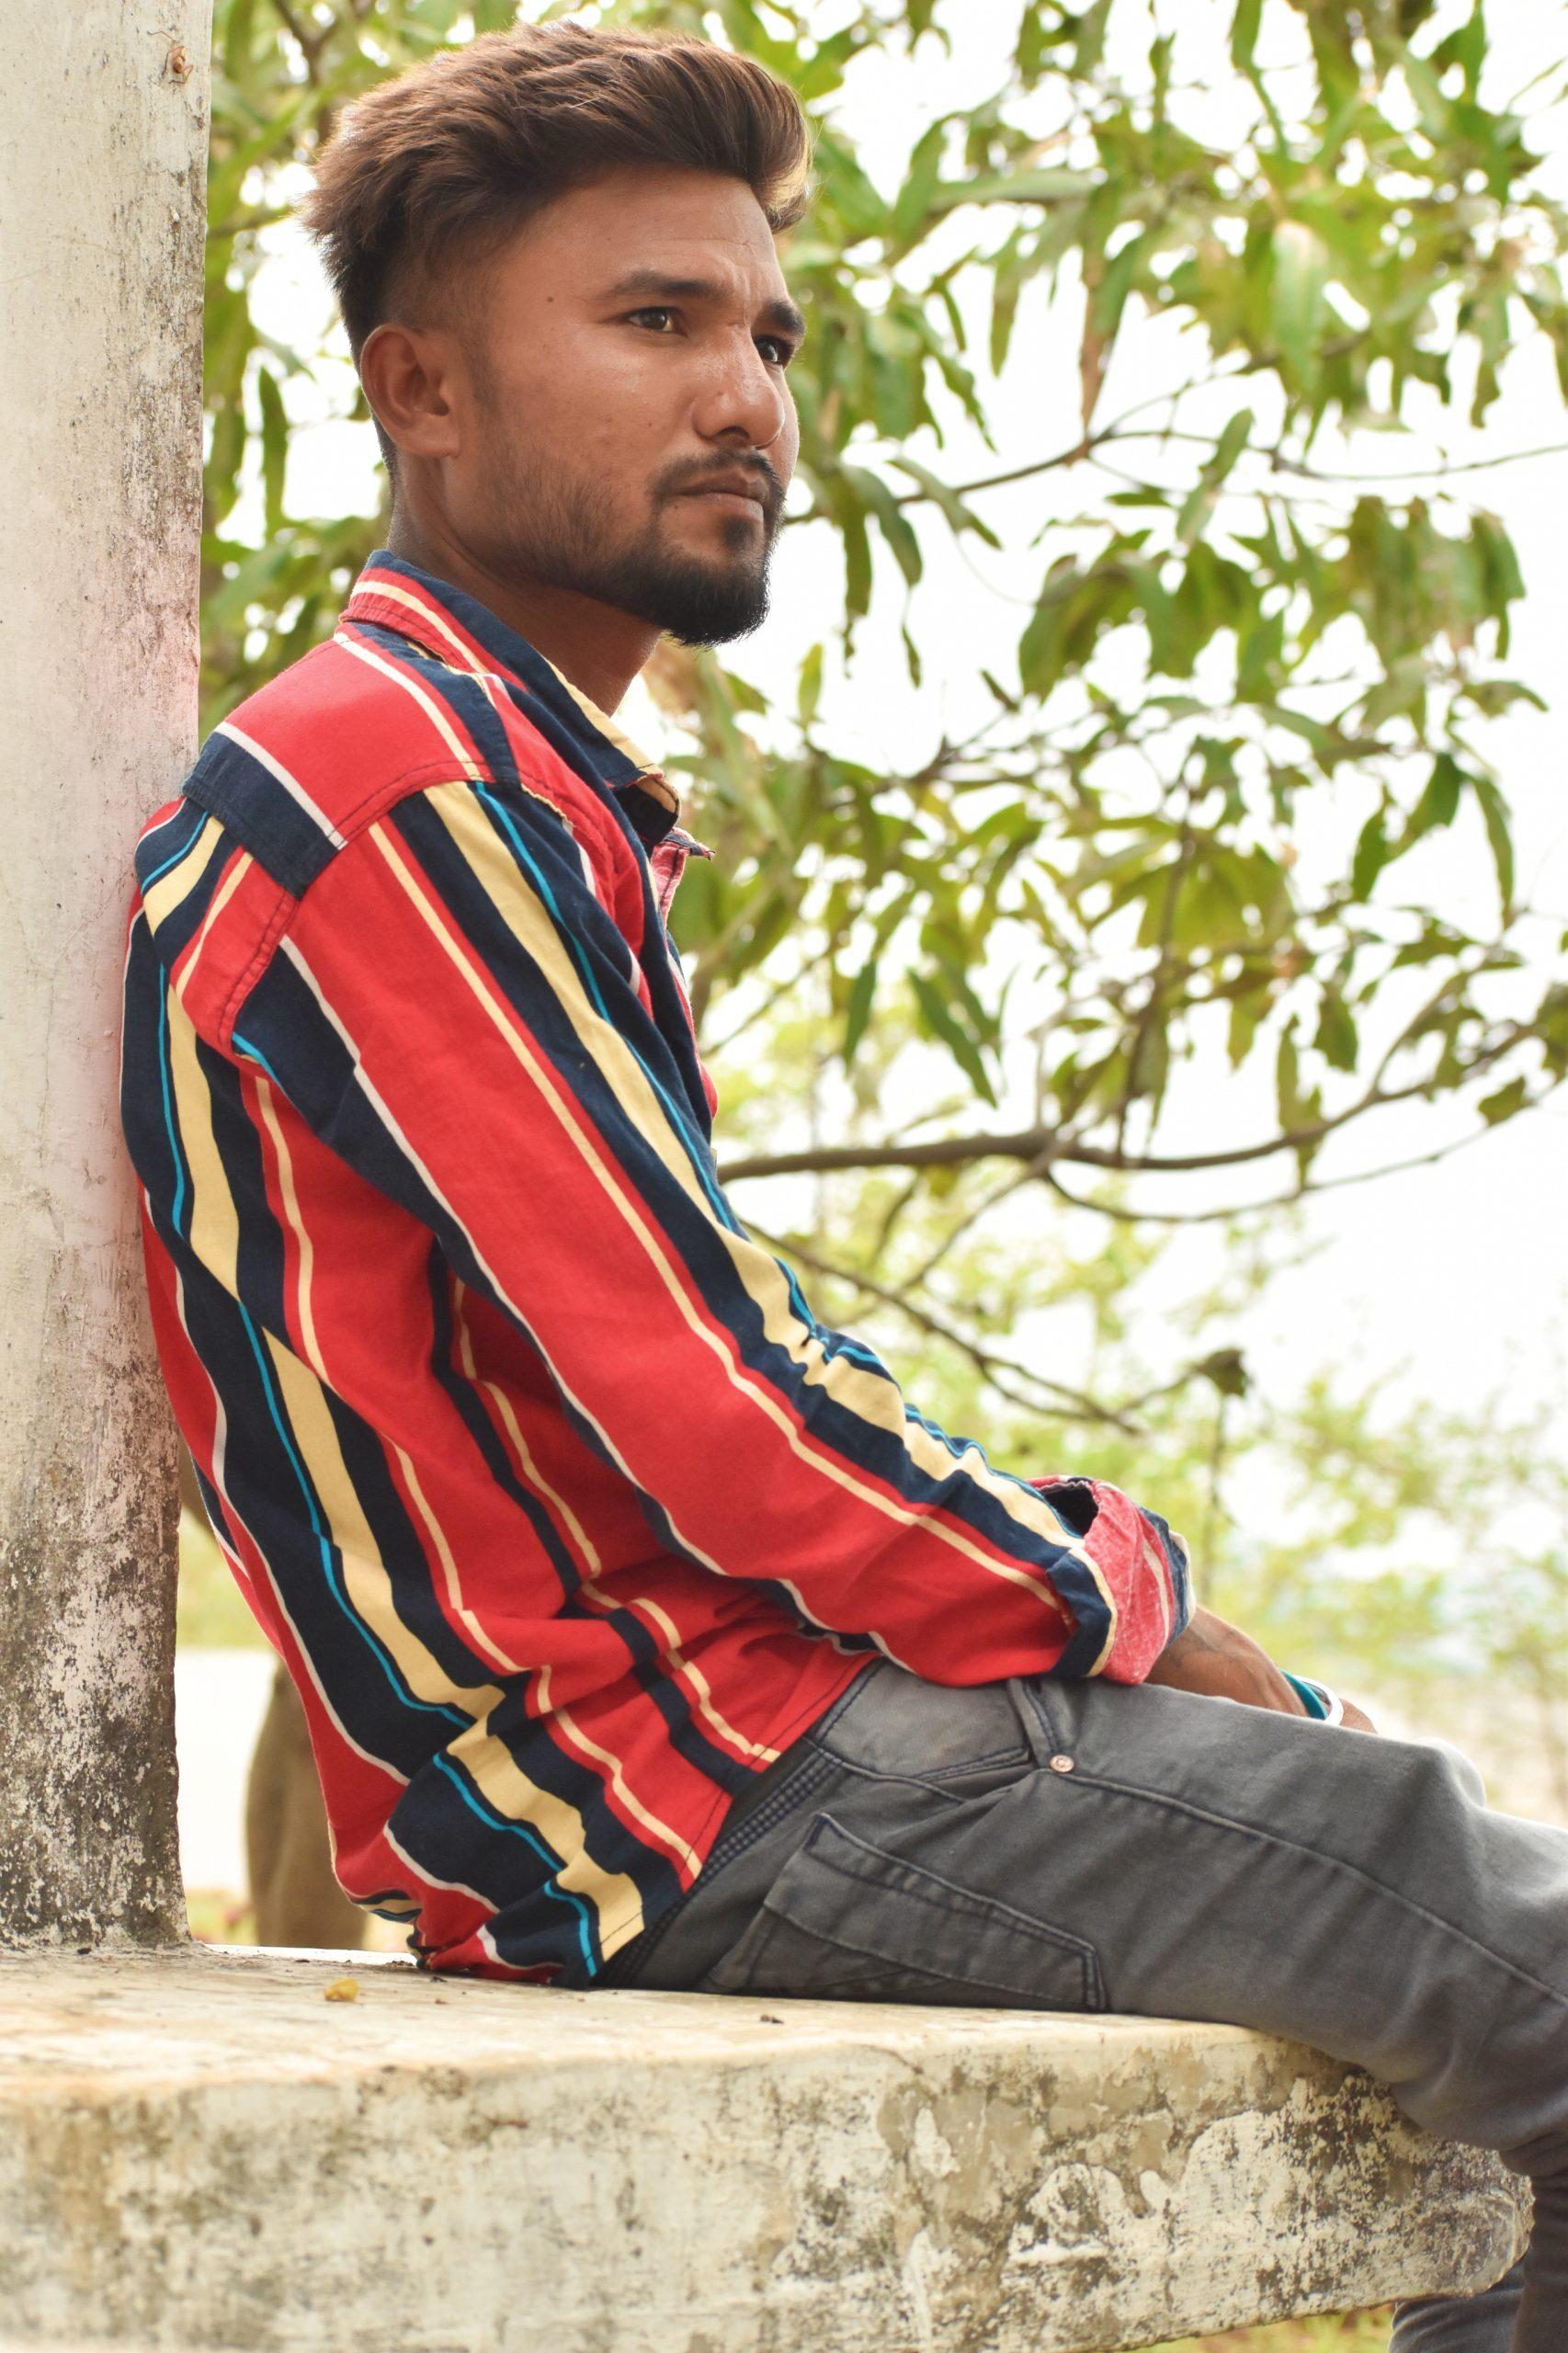 Model posing while sitting